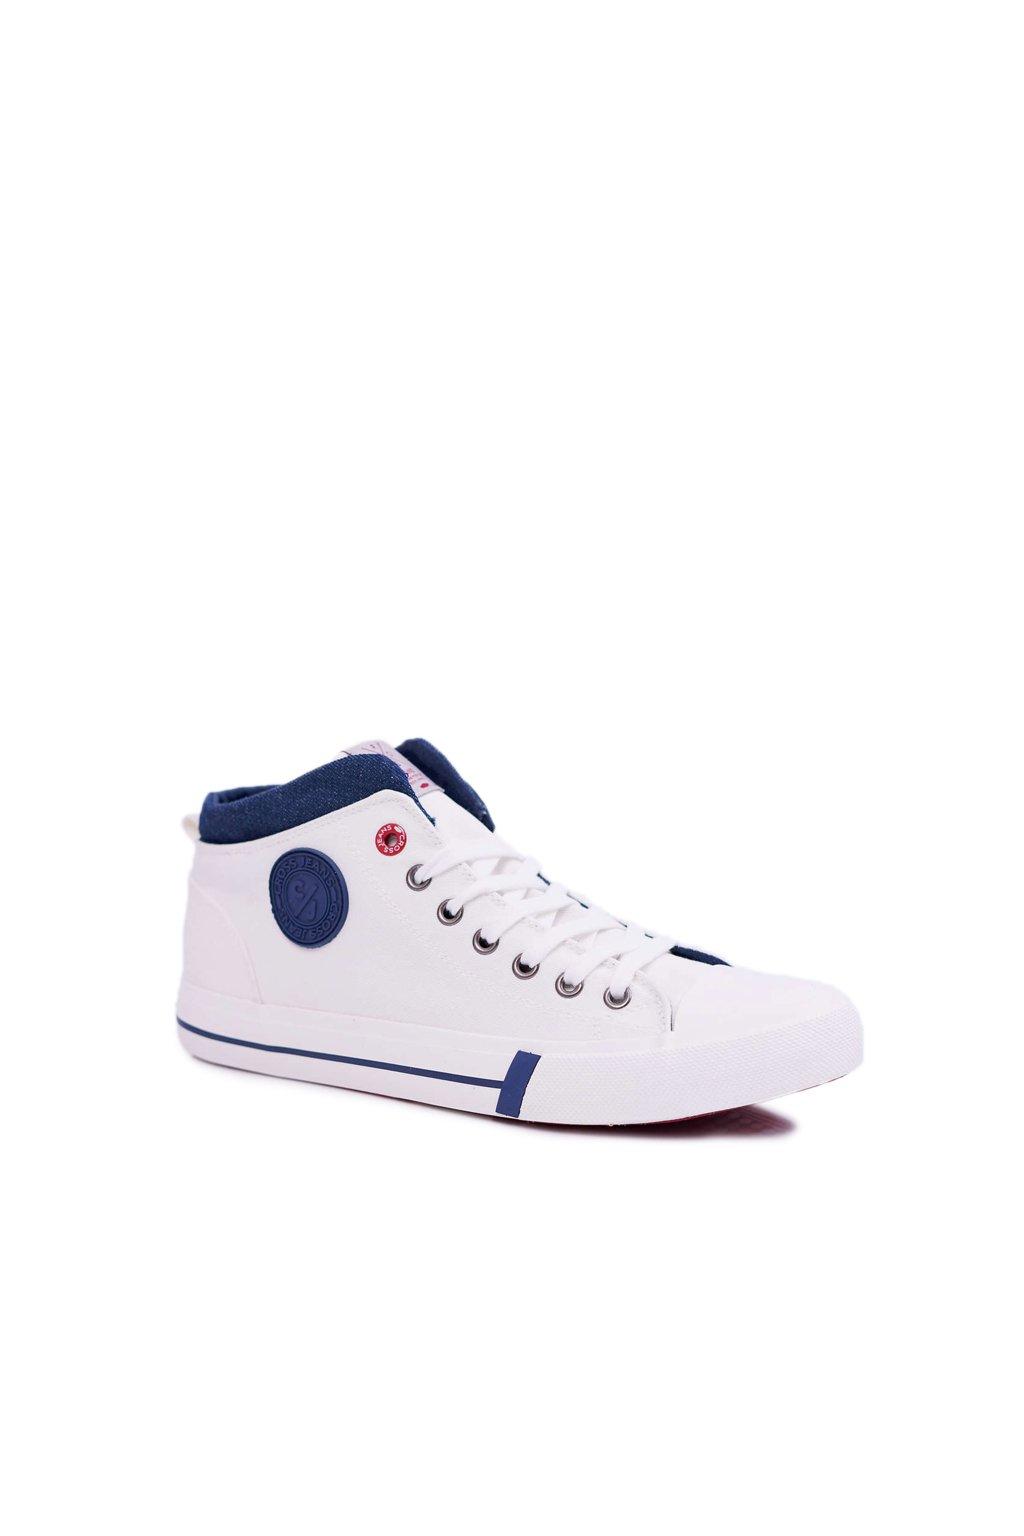 Pánske tenisky Vysoké Cross Jeans Textilní biele DD1R4056